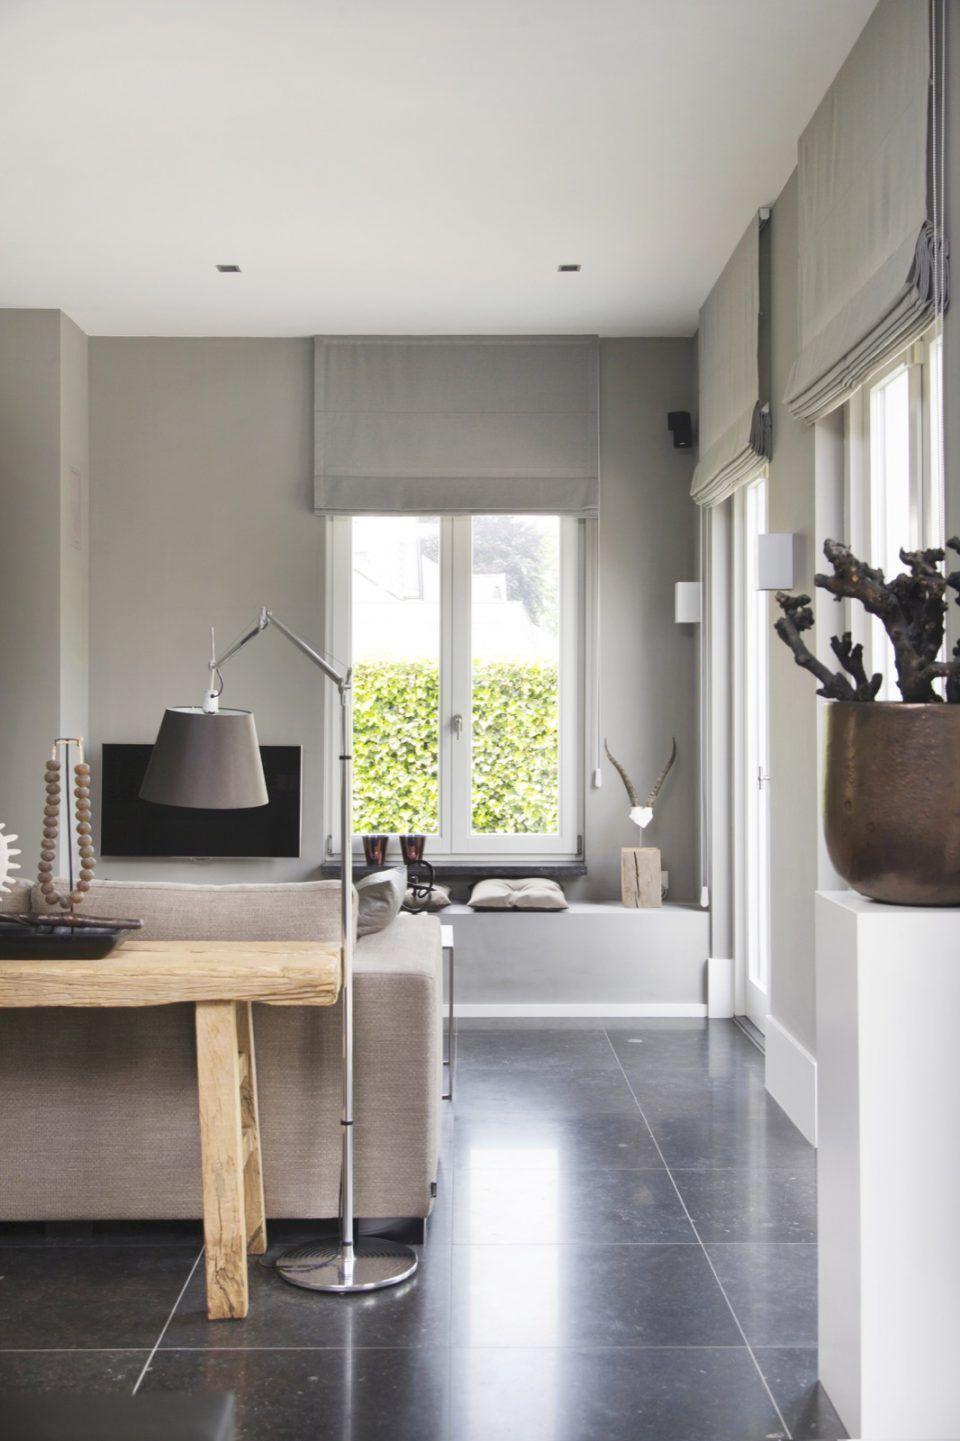 Luxe woonkamer ontwerp met design meubels - jardin | Pinterest ...